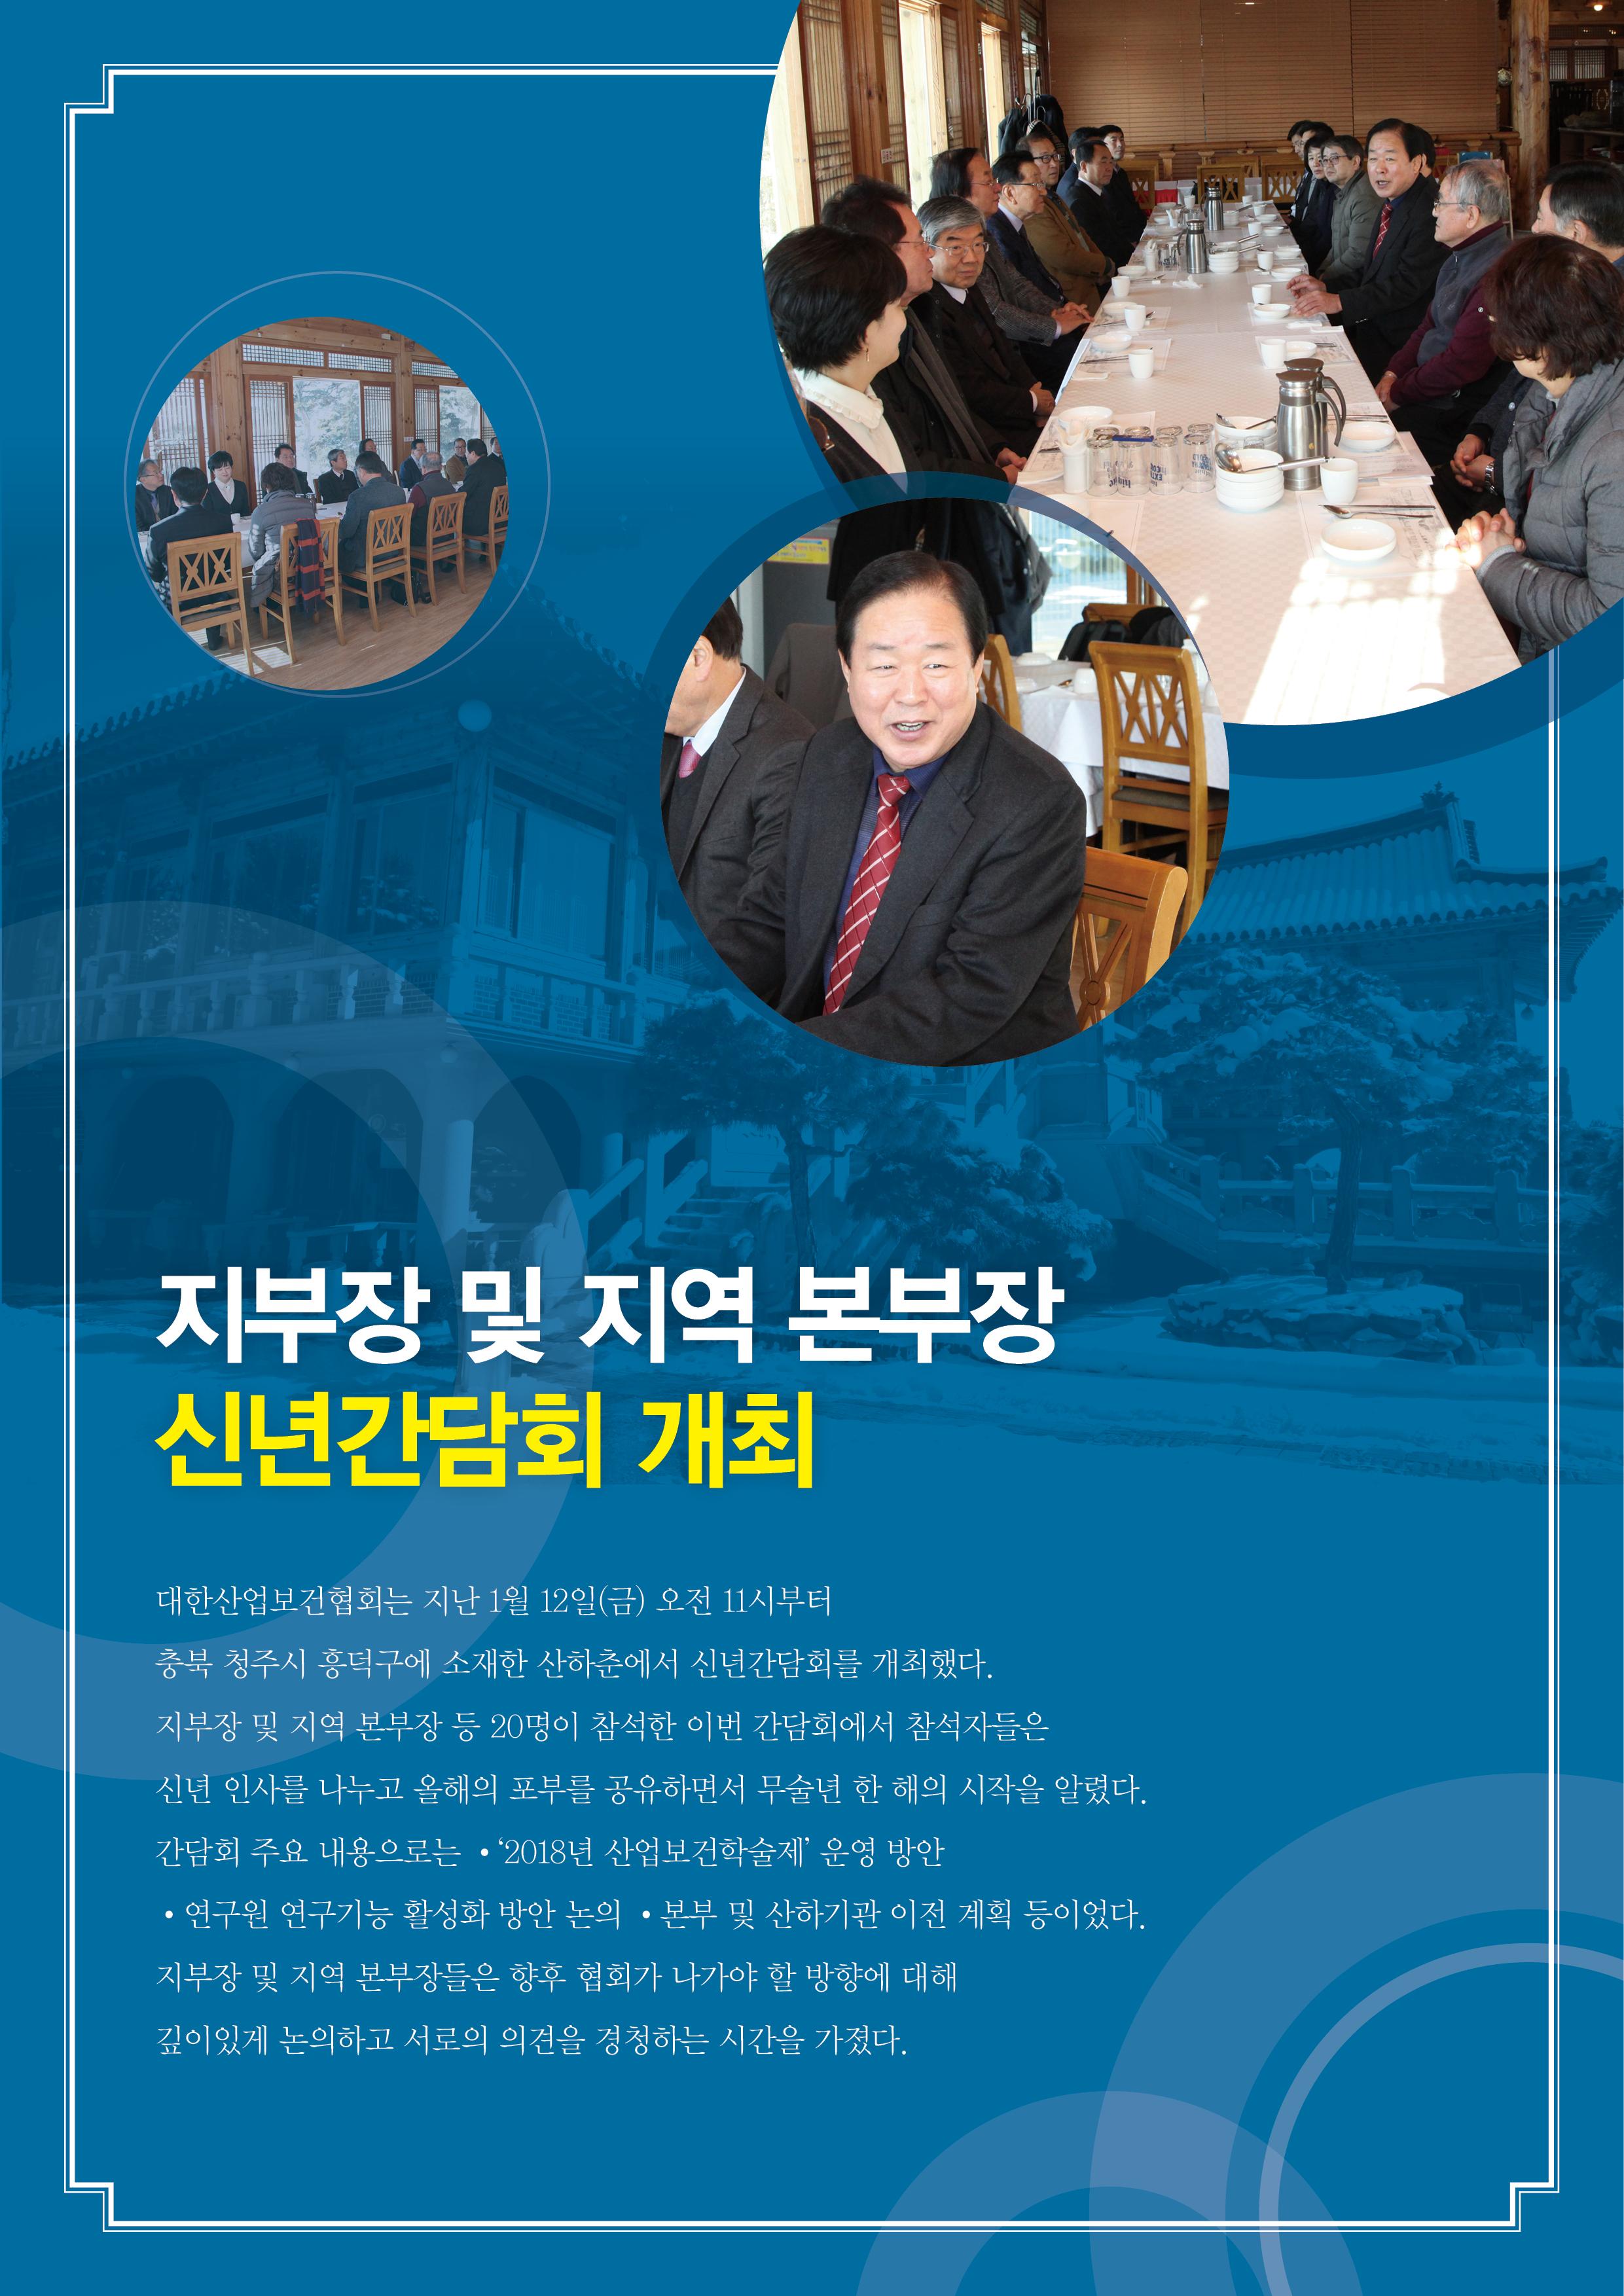 신년이사회_수정 0115